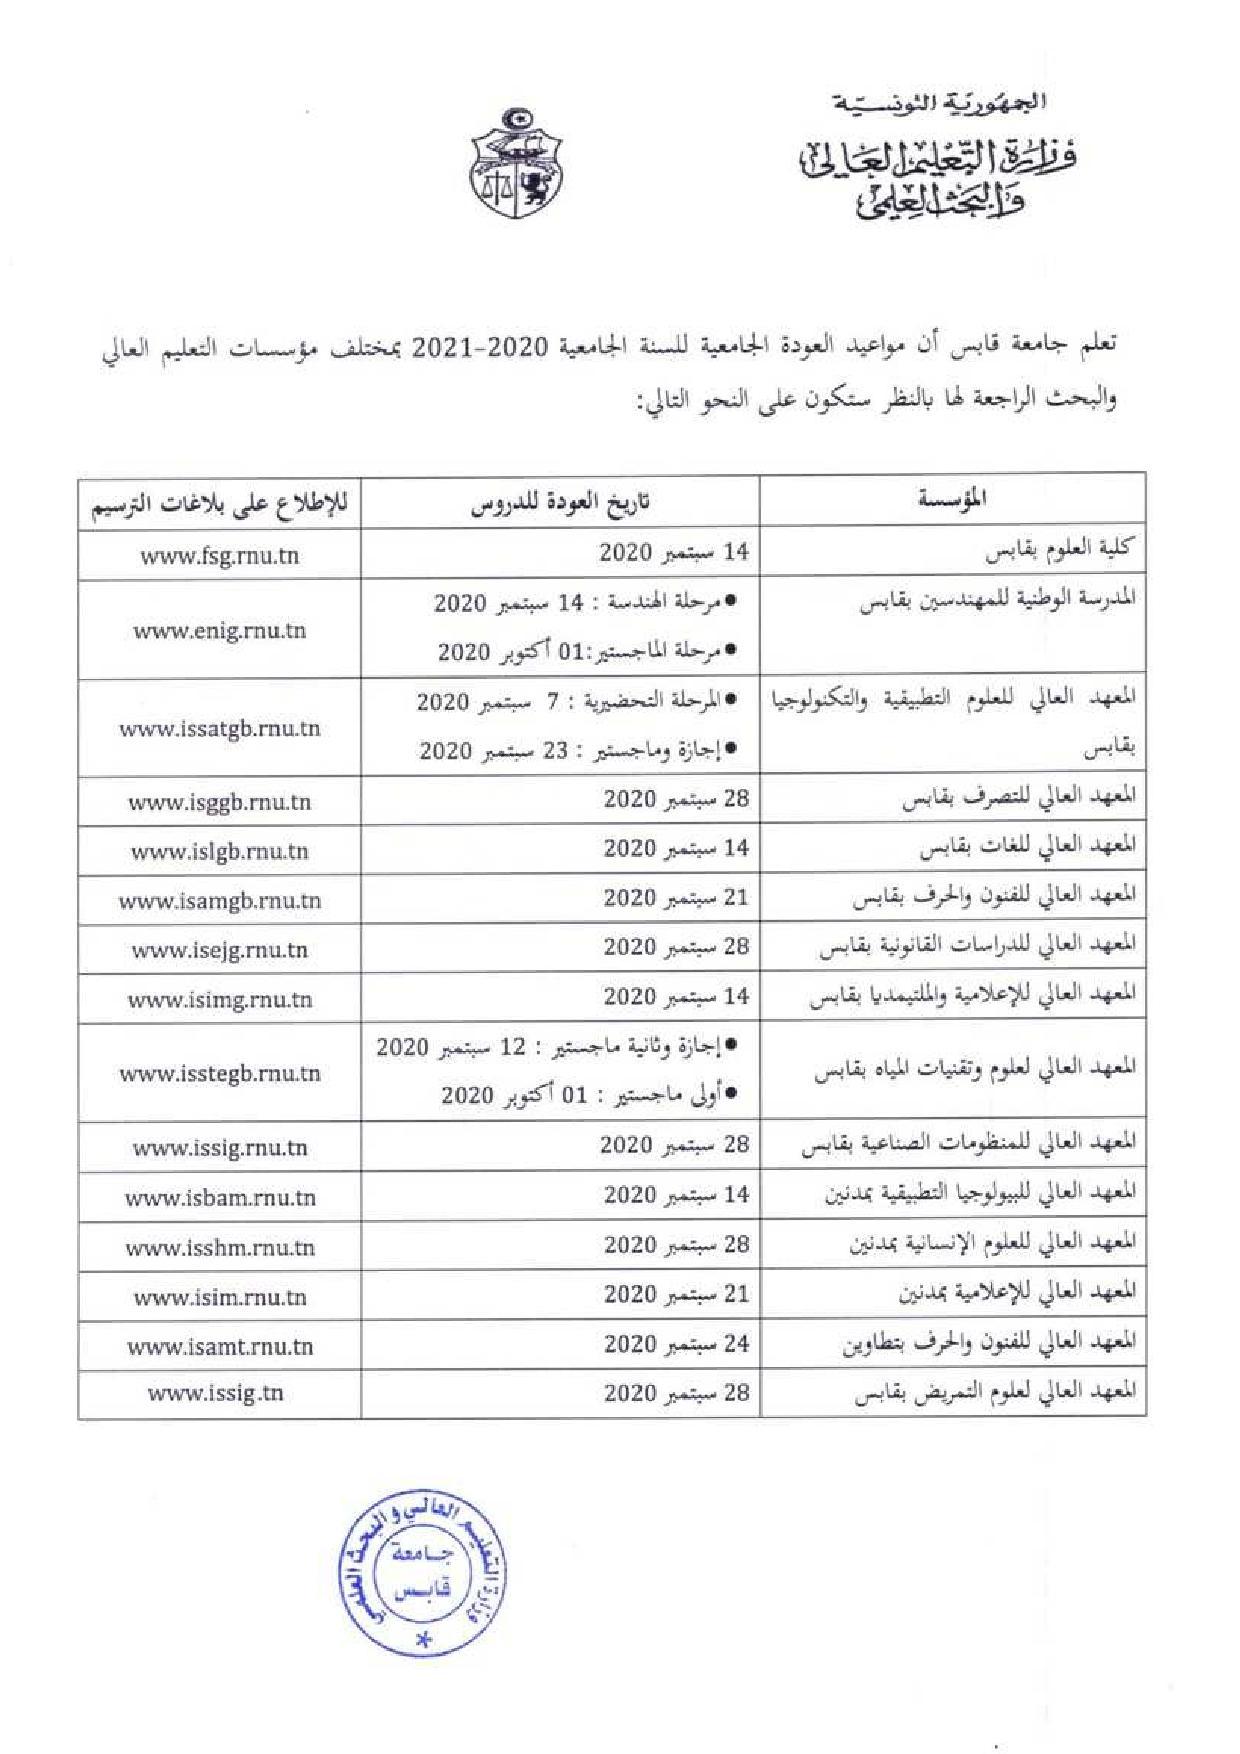 Calendrier de la rentrée universitaire 2020 2021